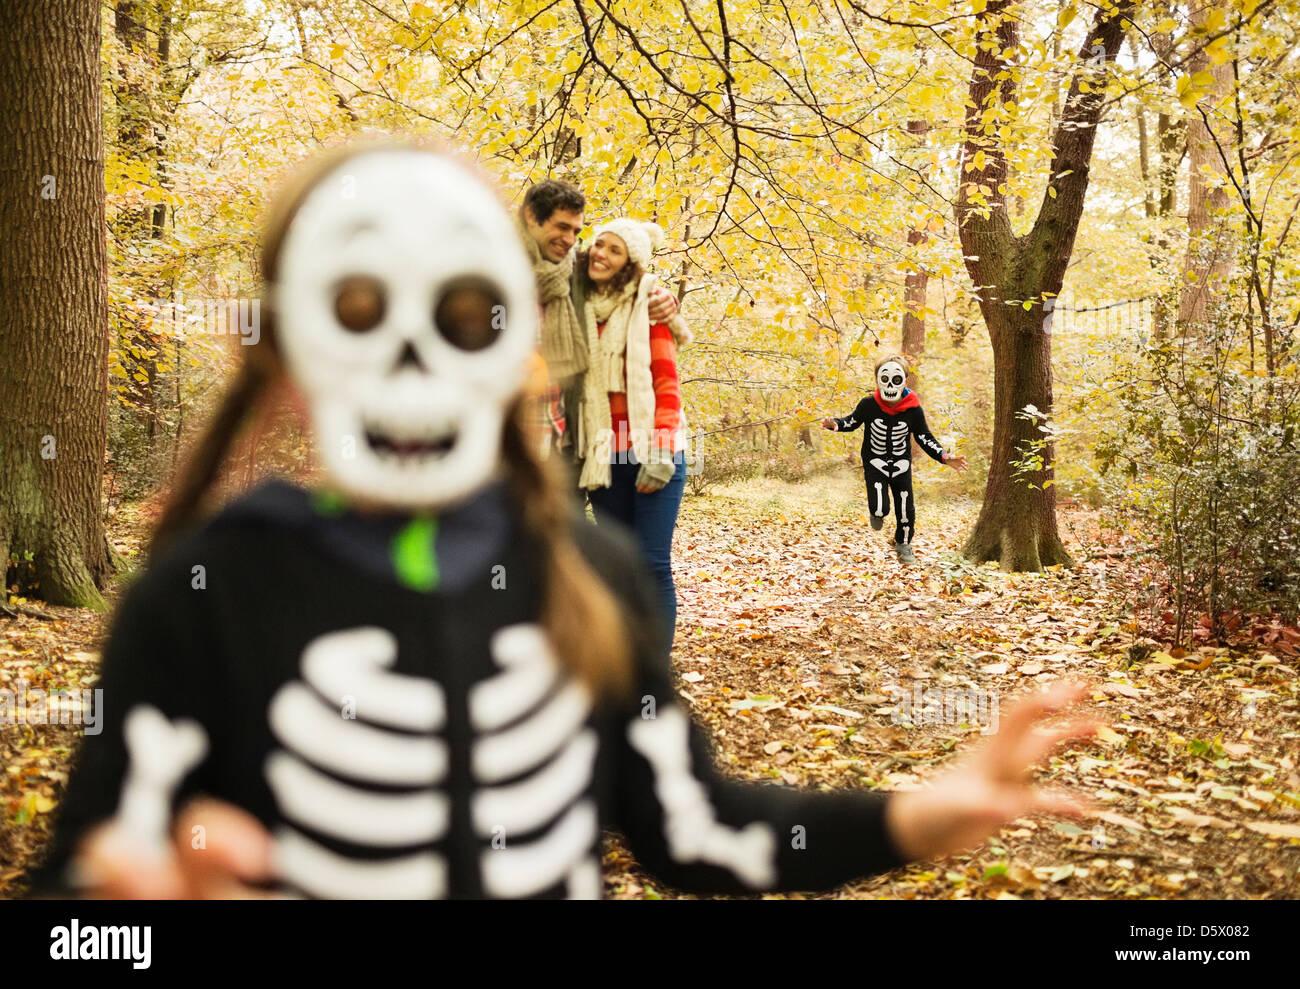 Los niños en trajes de esqueleto jugando en el parque Imagen De Stock